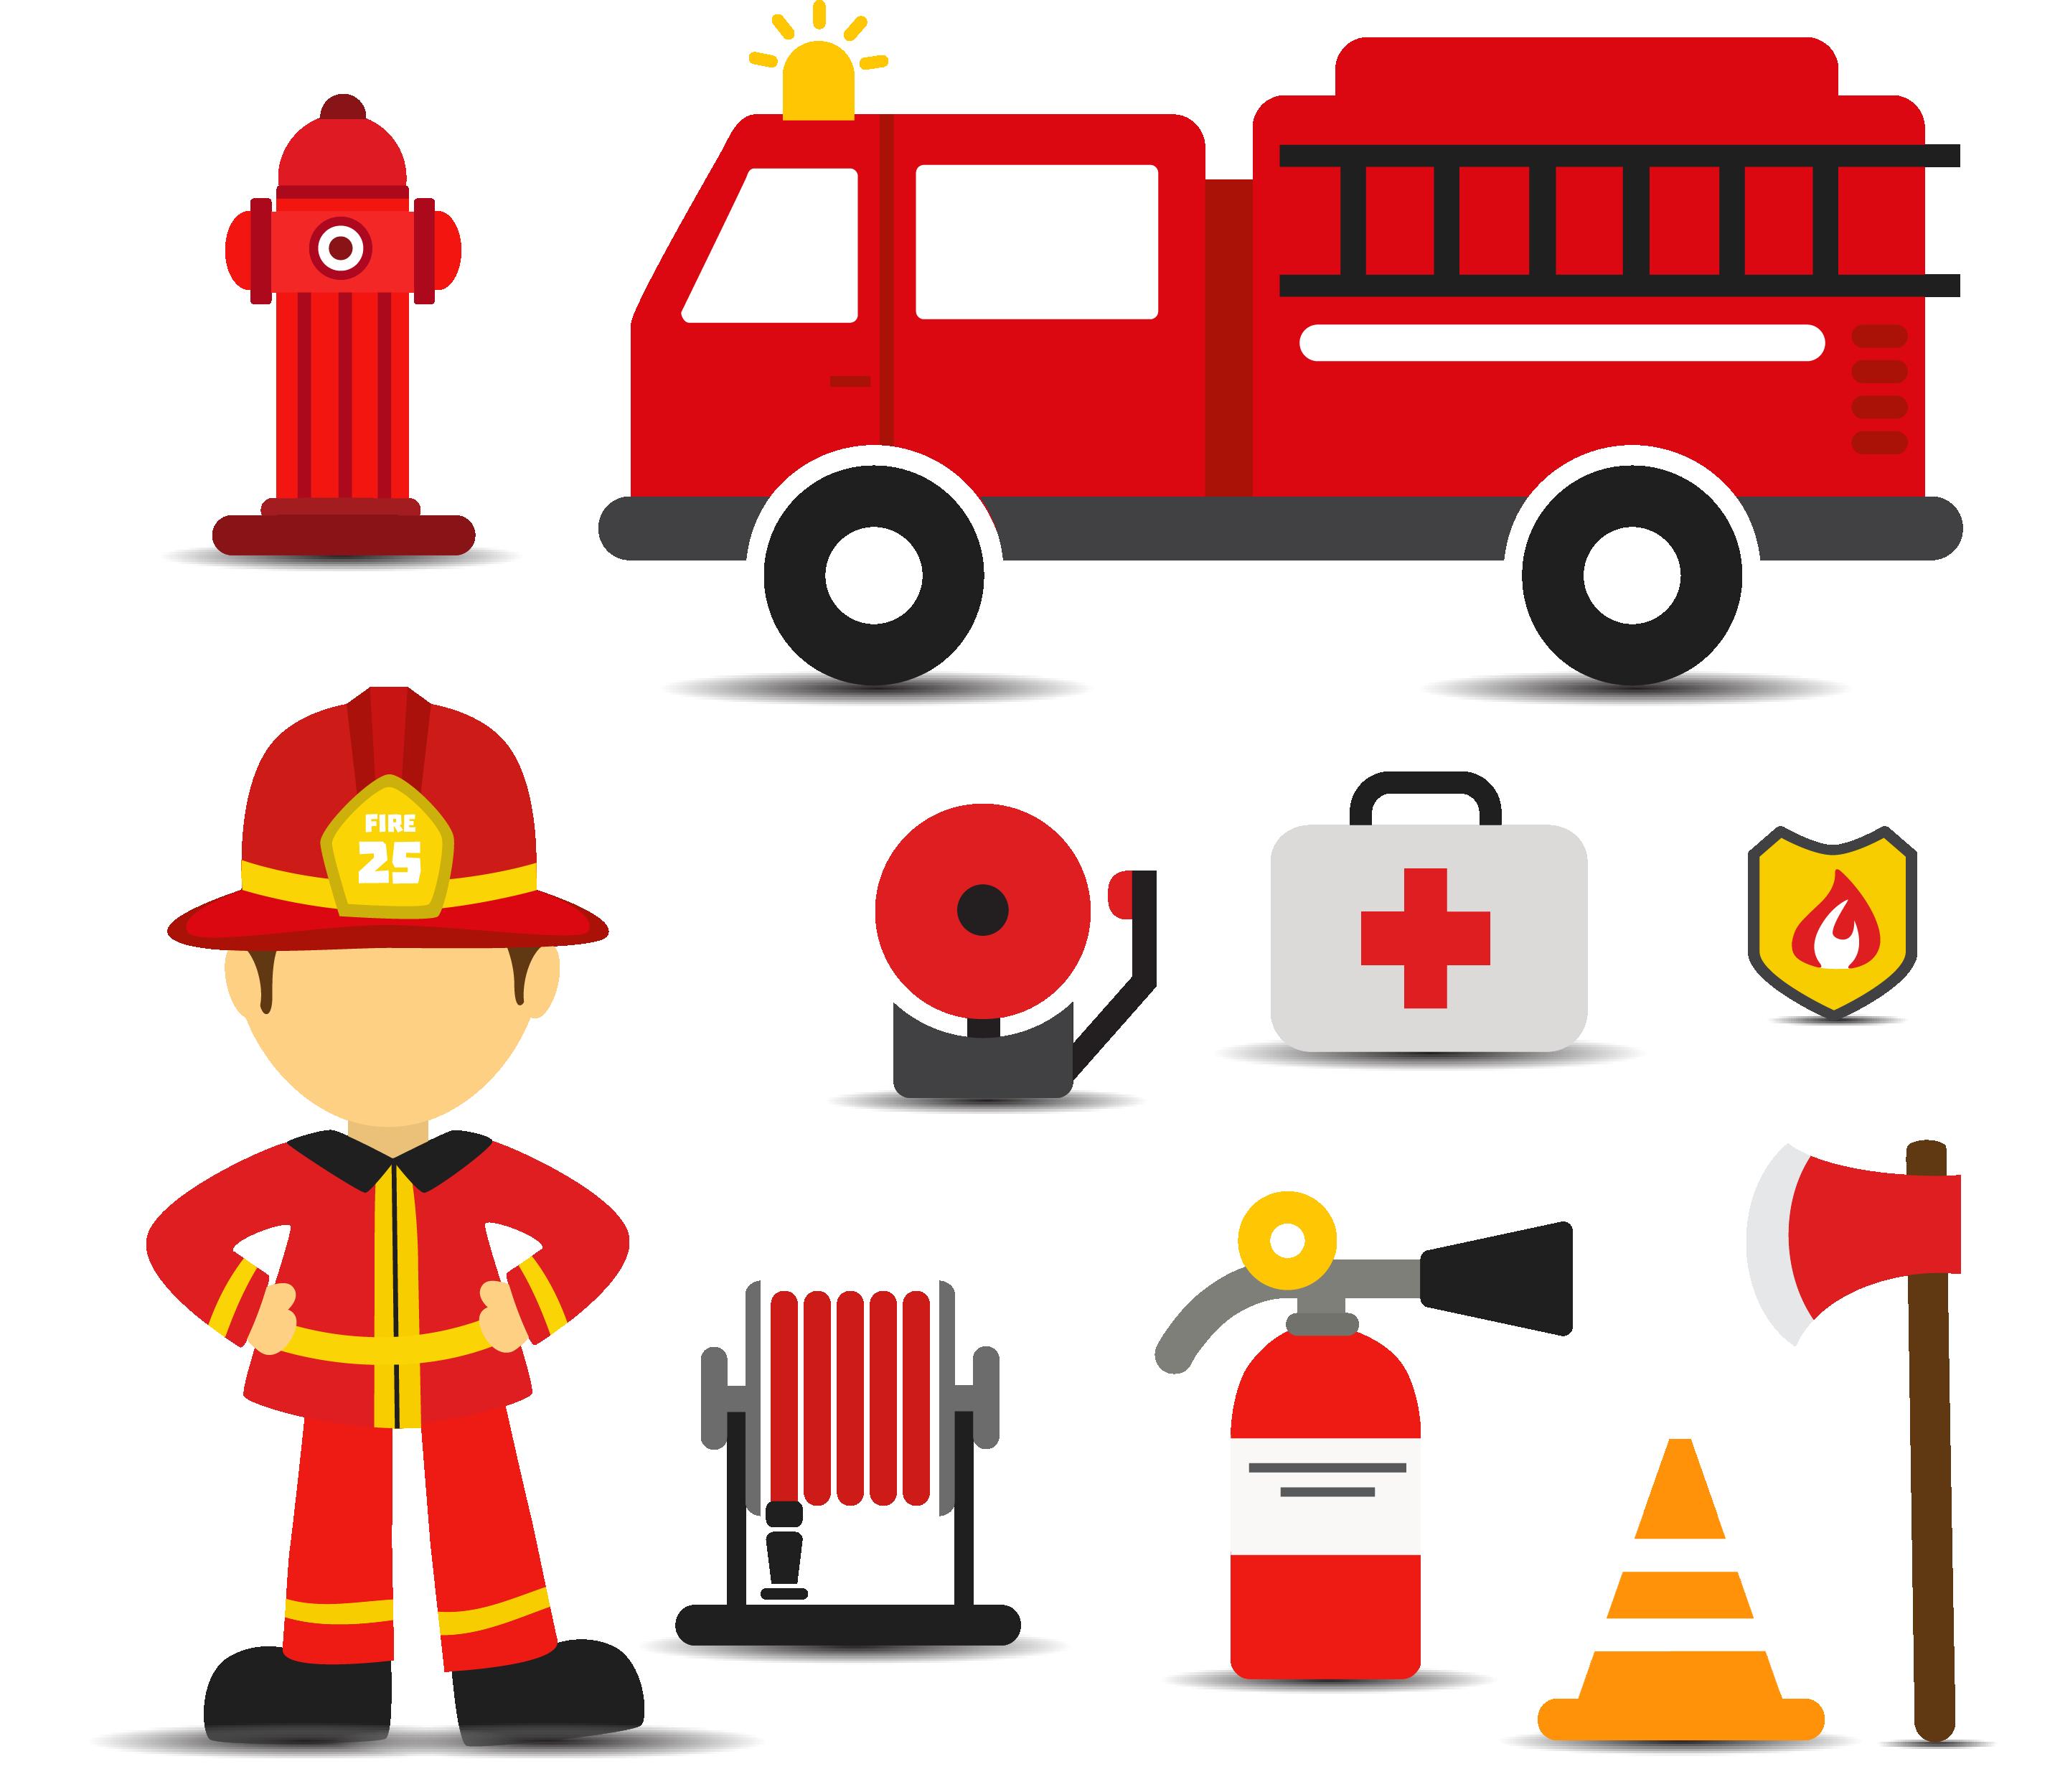 Fireman clipart fire engine. Firefighter euclidean vector s